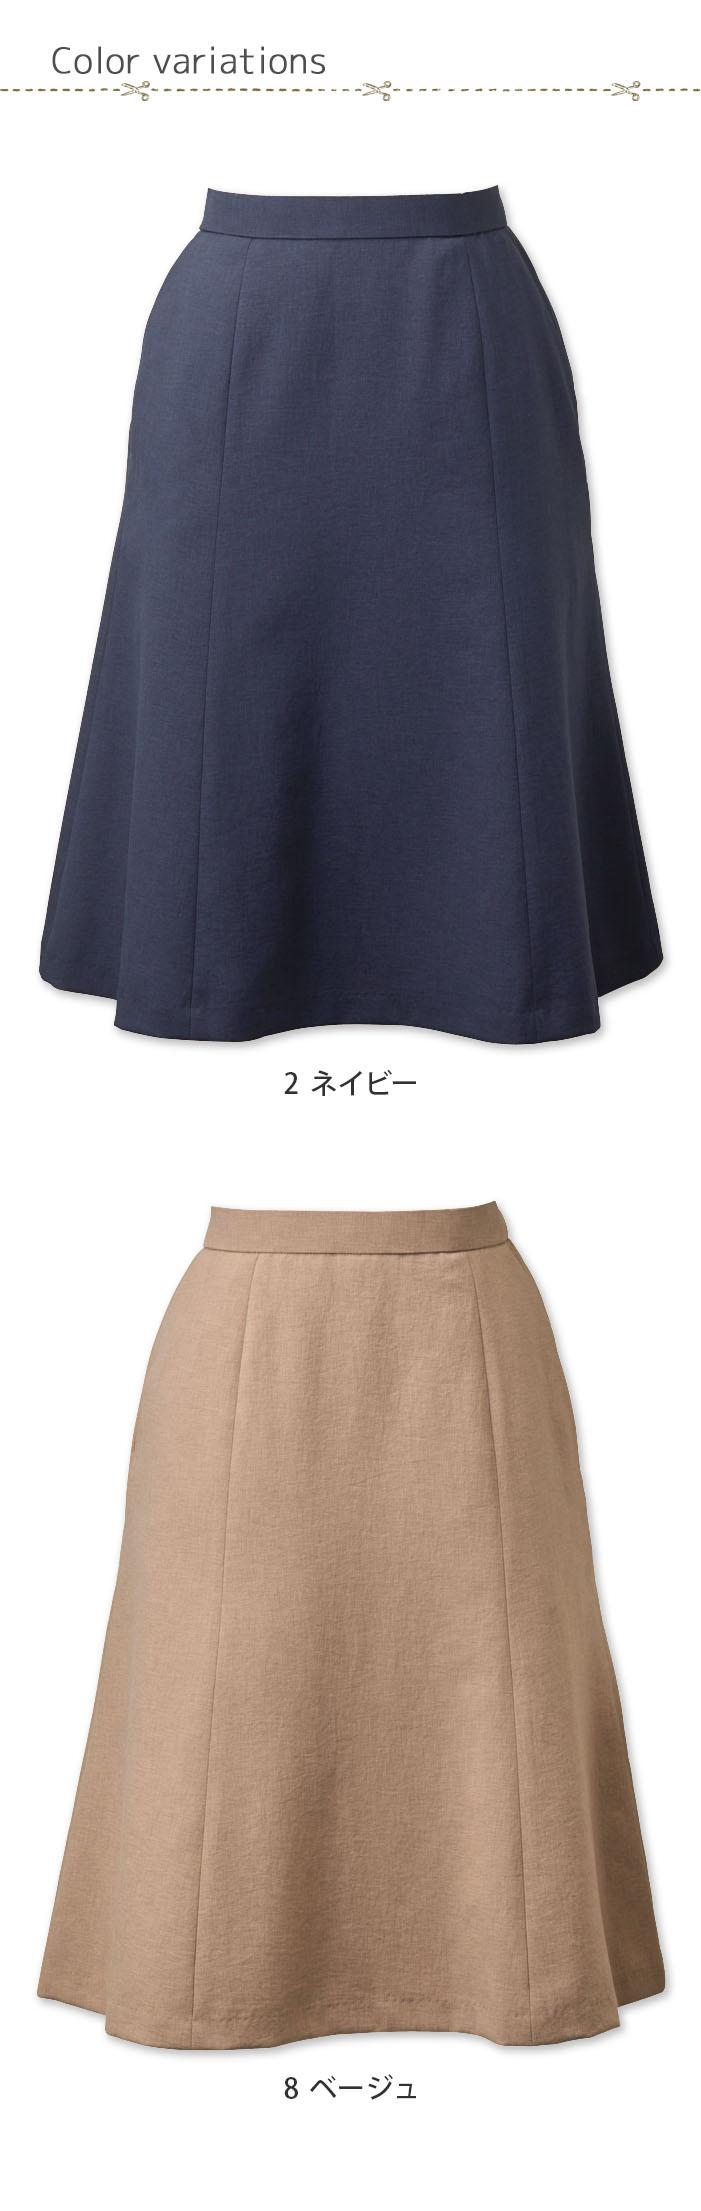 ナチュラルでリラックス感のある 涼しく軽いフレアスカート【2色】女性用 カラー